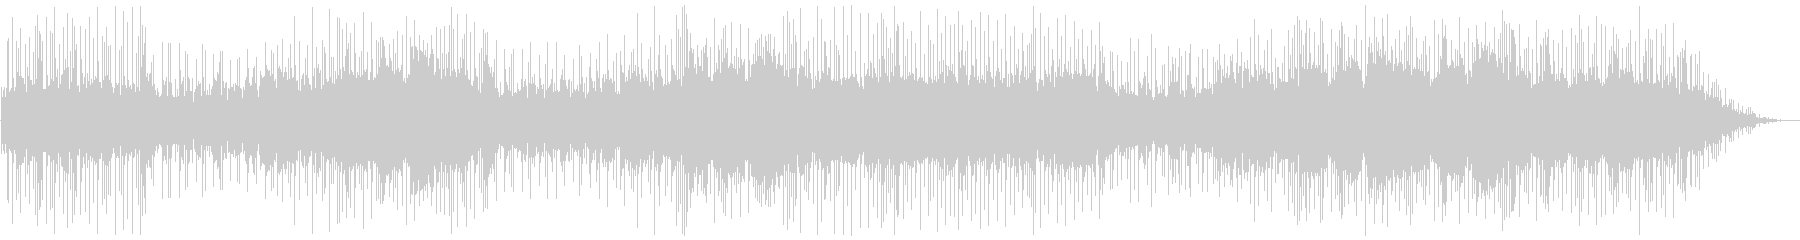 ハートランドアメリカーナのロックン...の未再生の波形